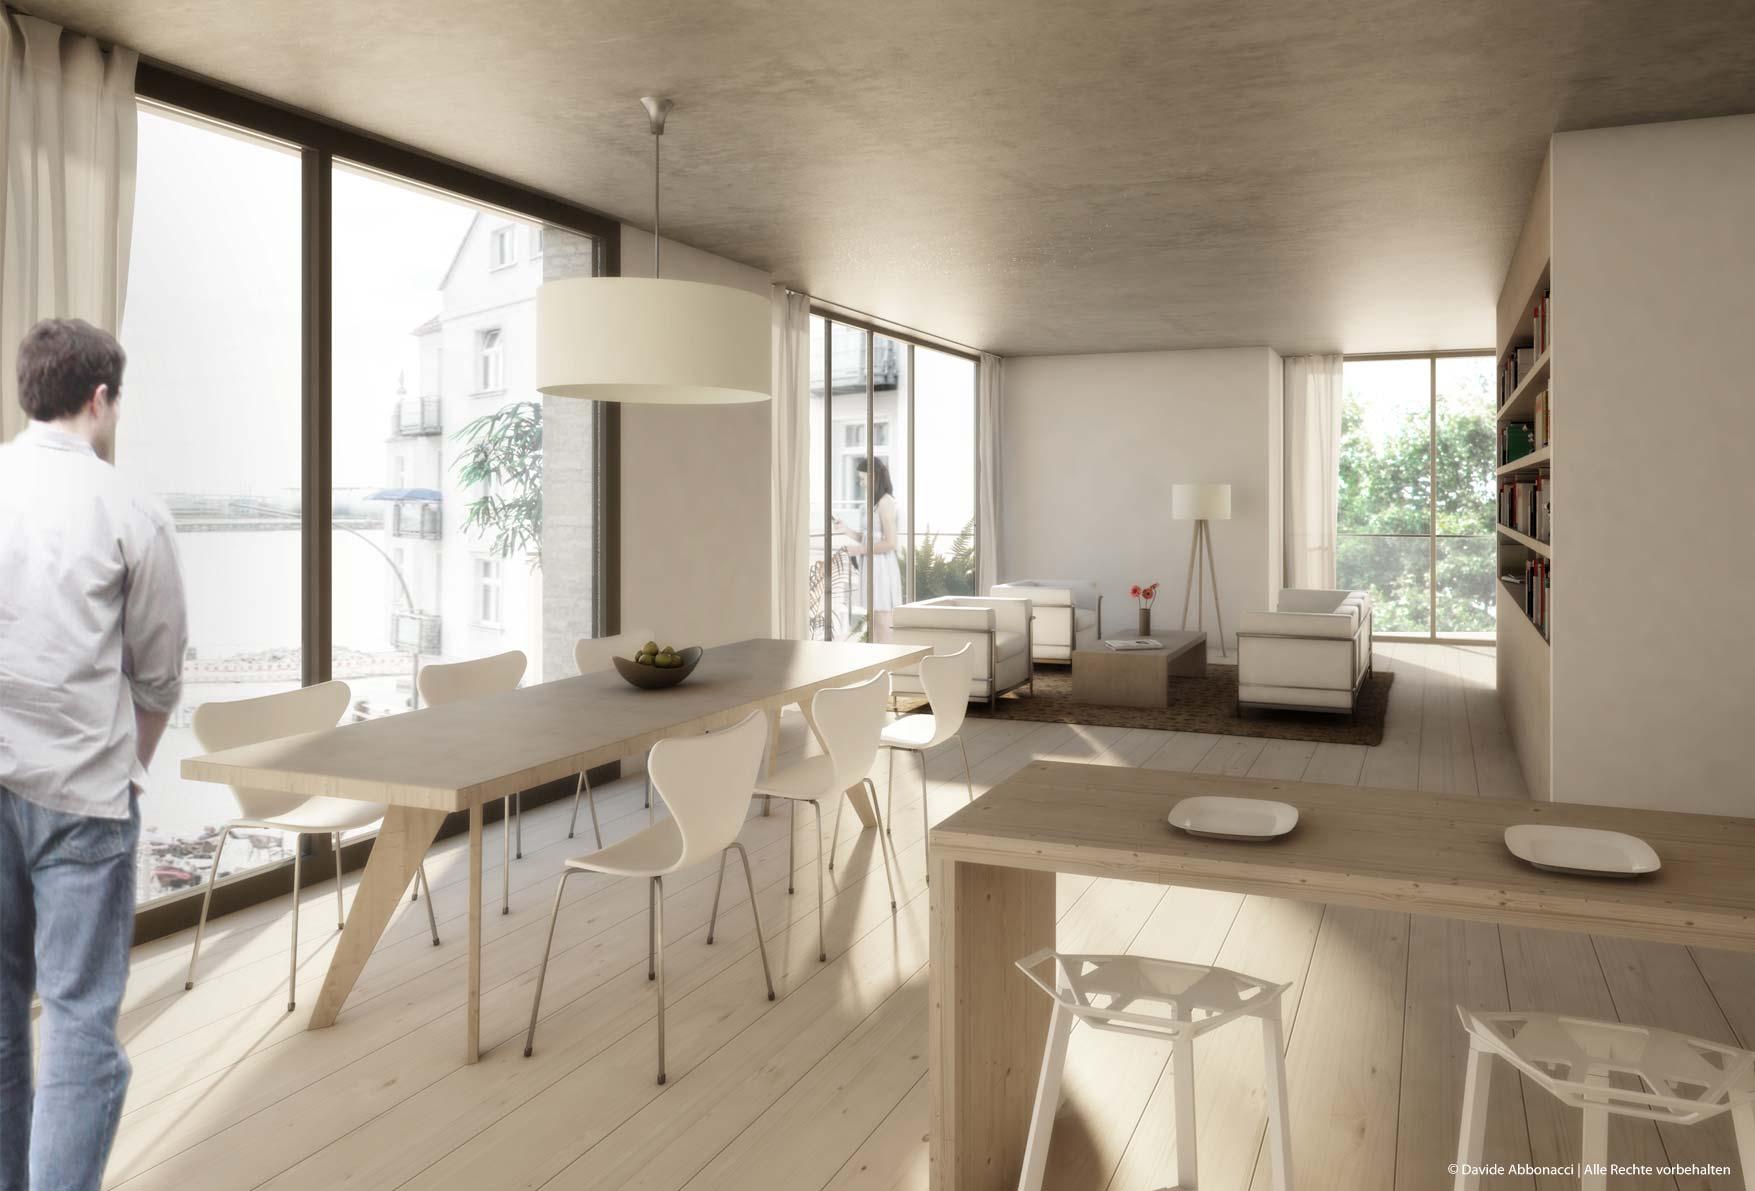 Köhlbrandtreppe, Hamburg | Dierks Sachs Architekten | 2012 Wettbewerbsvisualisierung